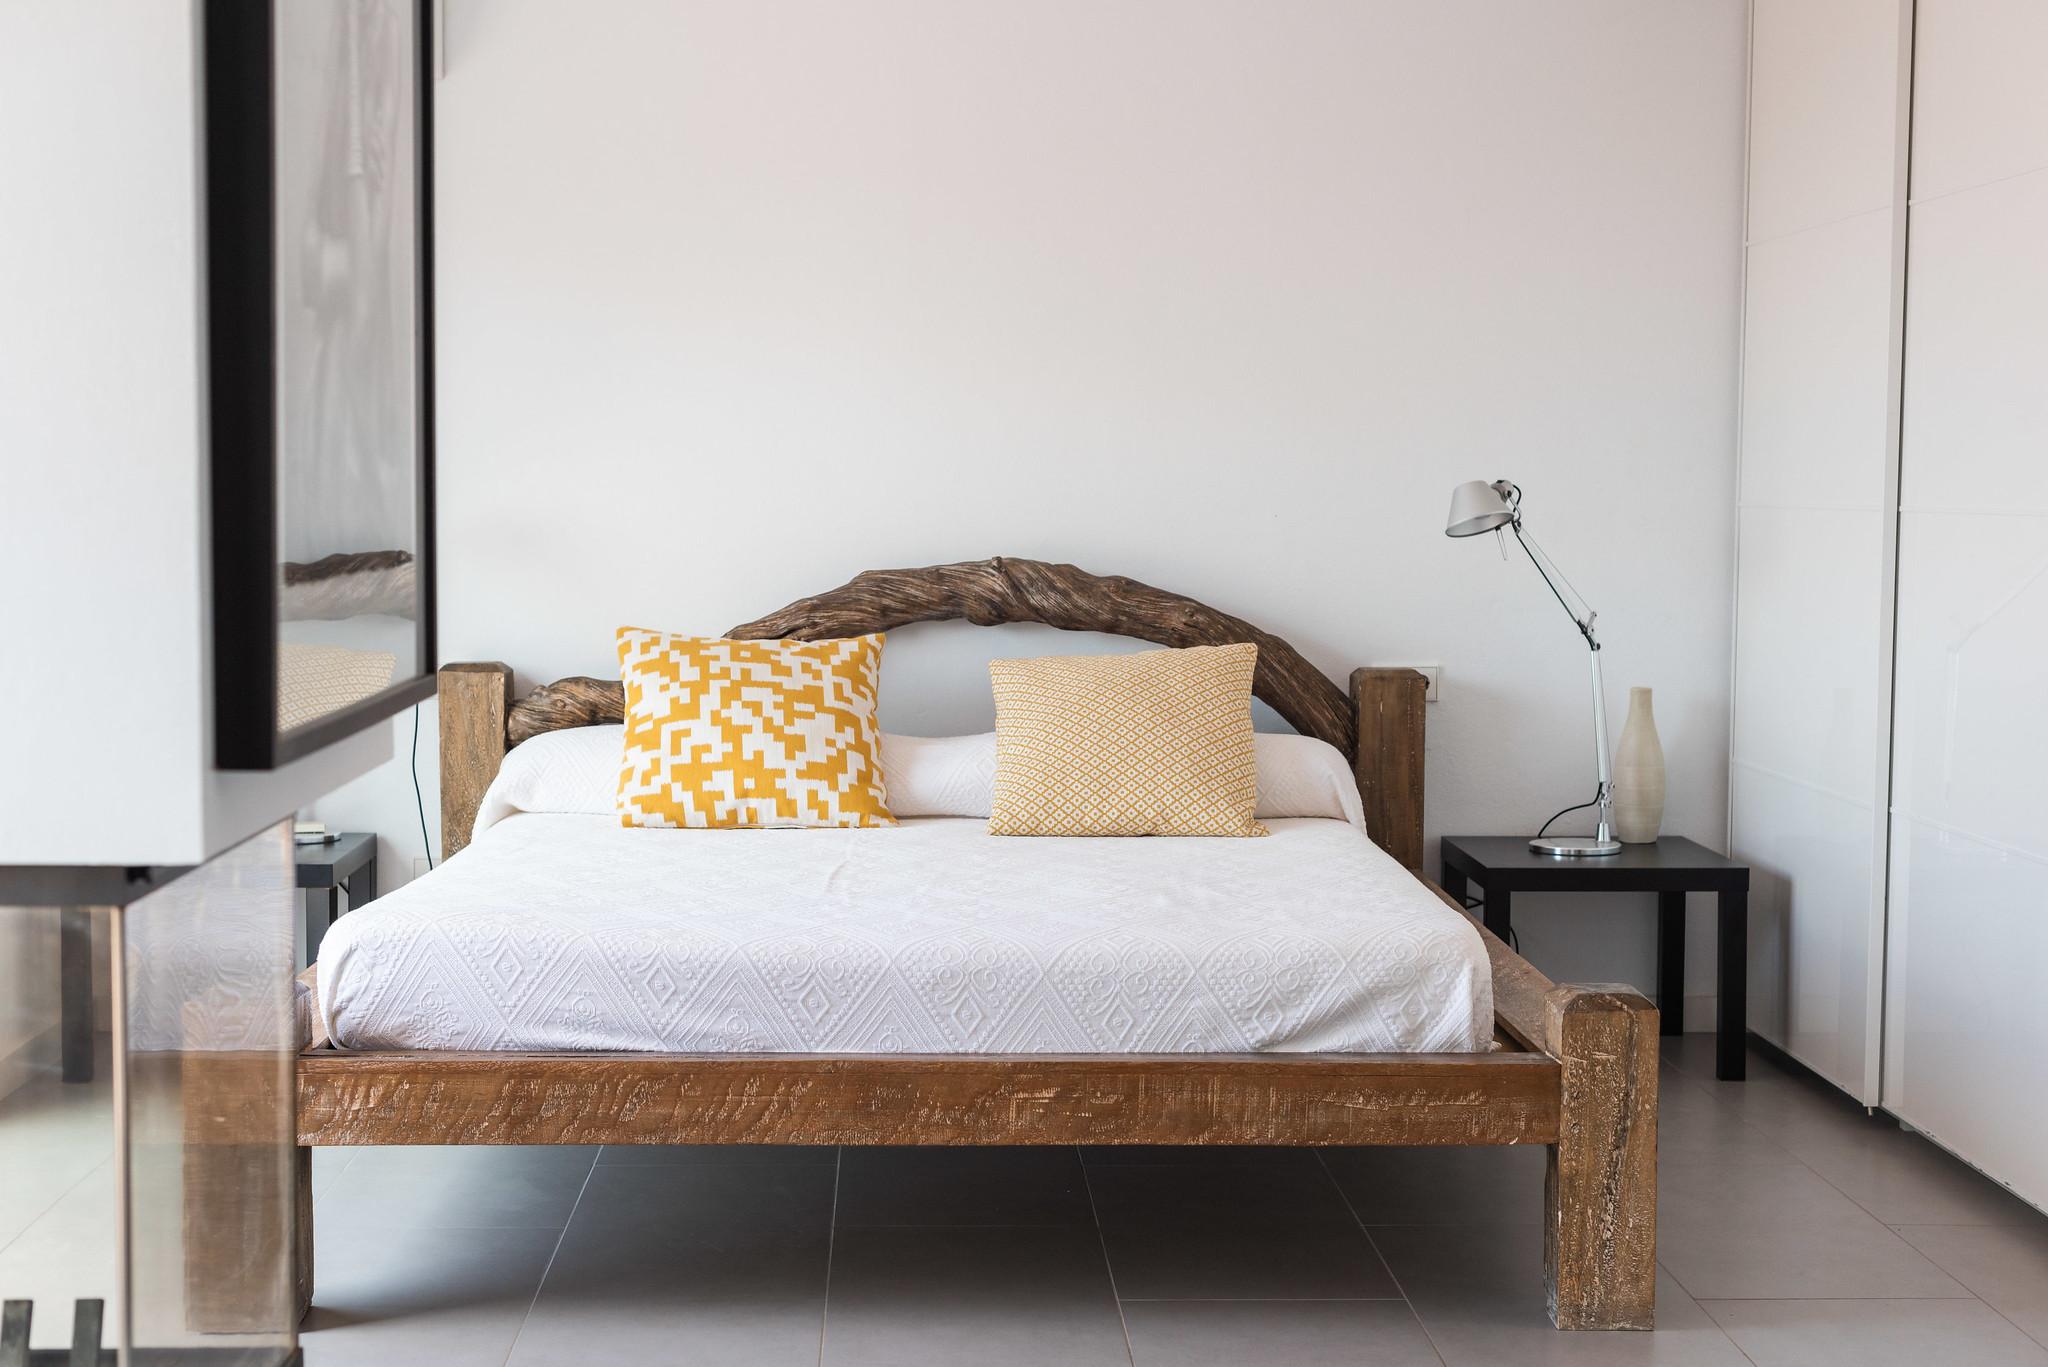 https://www.white-ibiza.com/wp-content/uploads/2020/06/white-ibiza-villas-villa-azul-interior-bedroom2.jpg